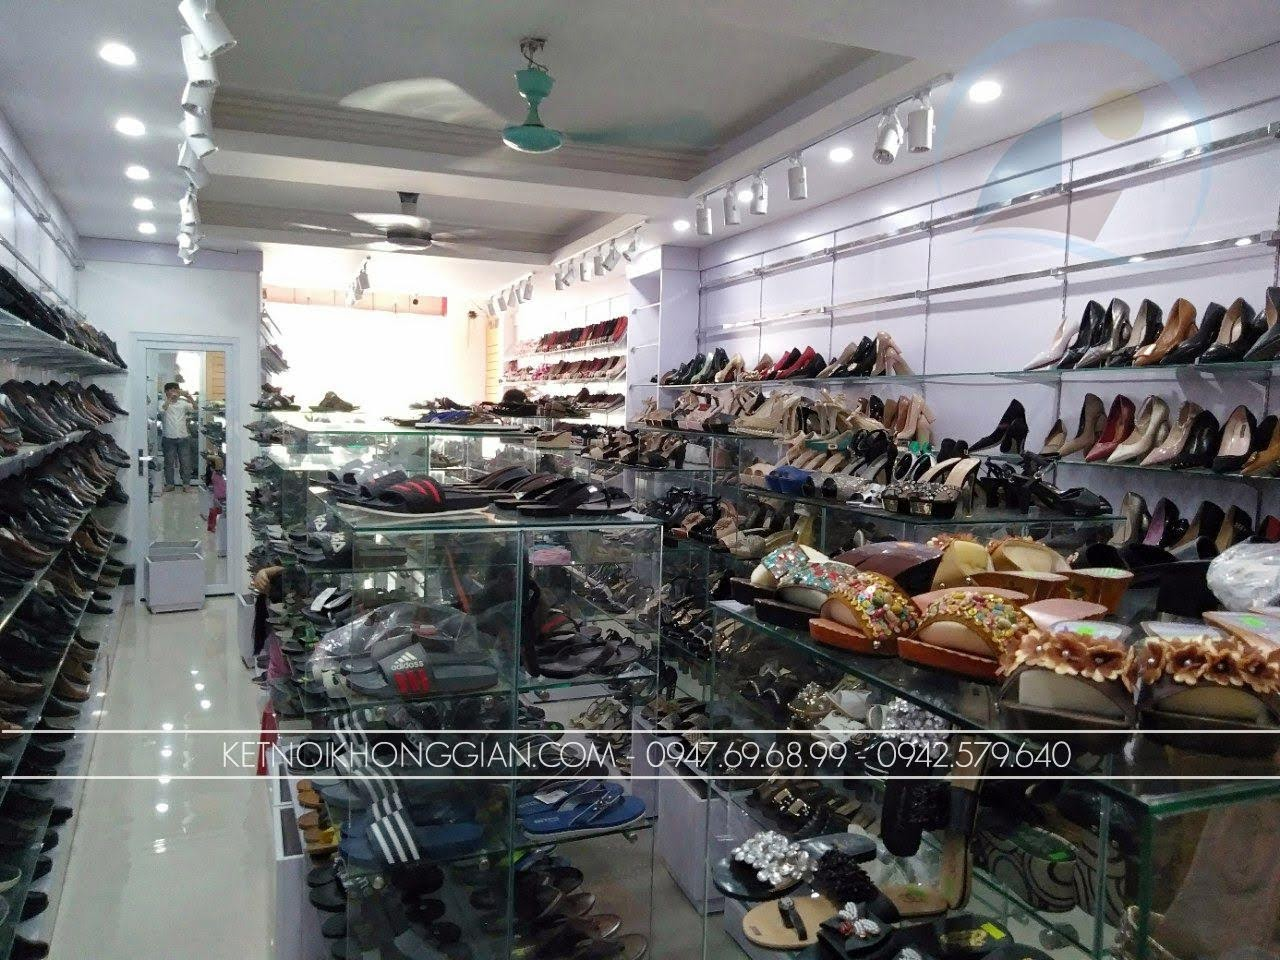 thiết kế thi công nội thất shop giày dép thời trang 6